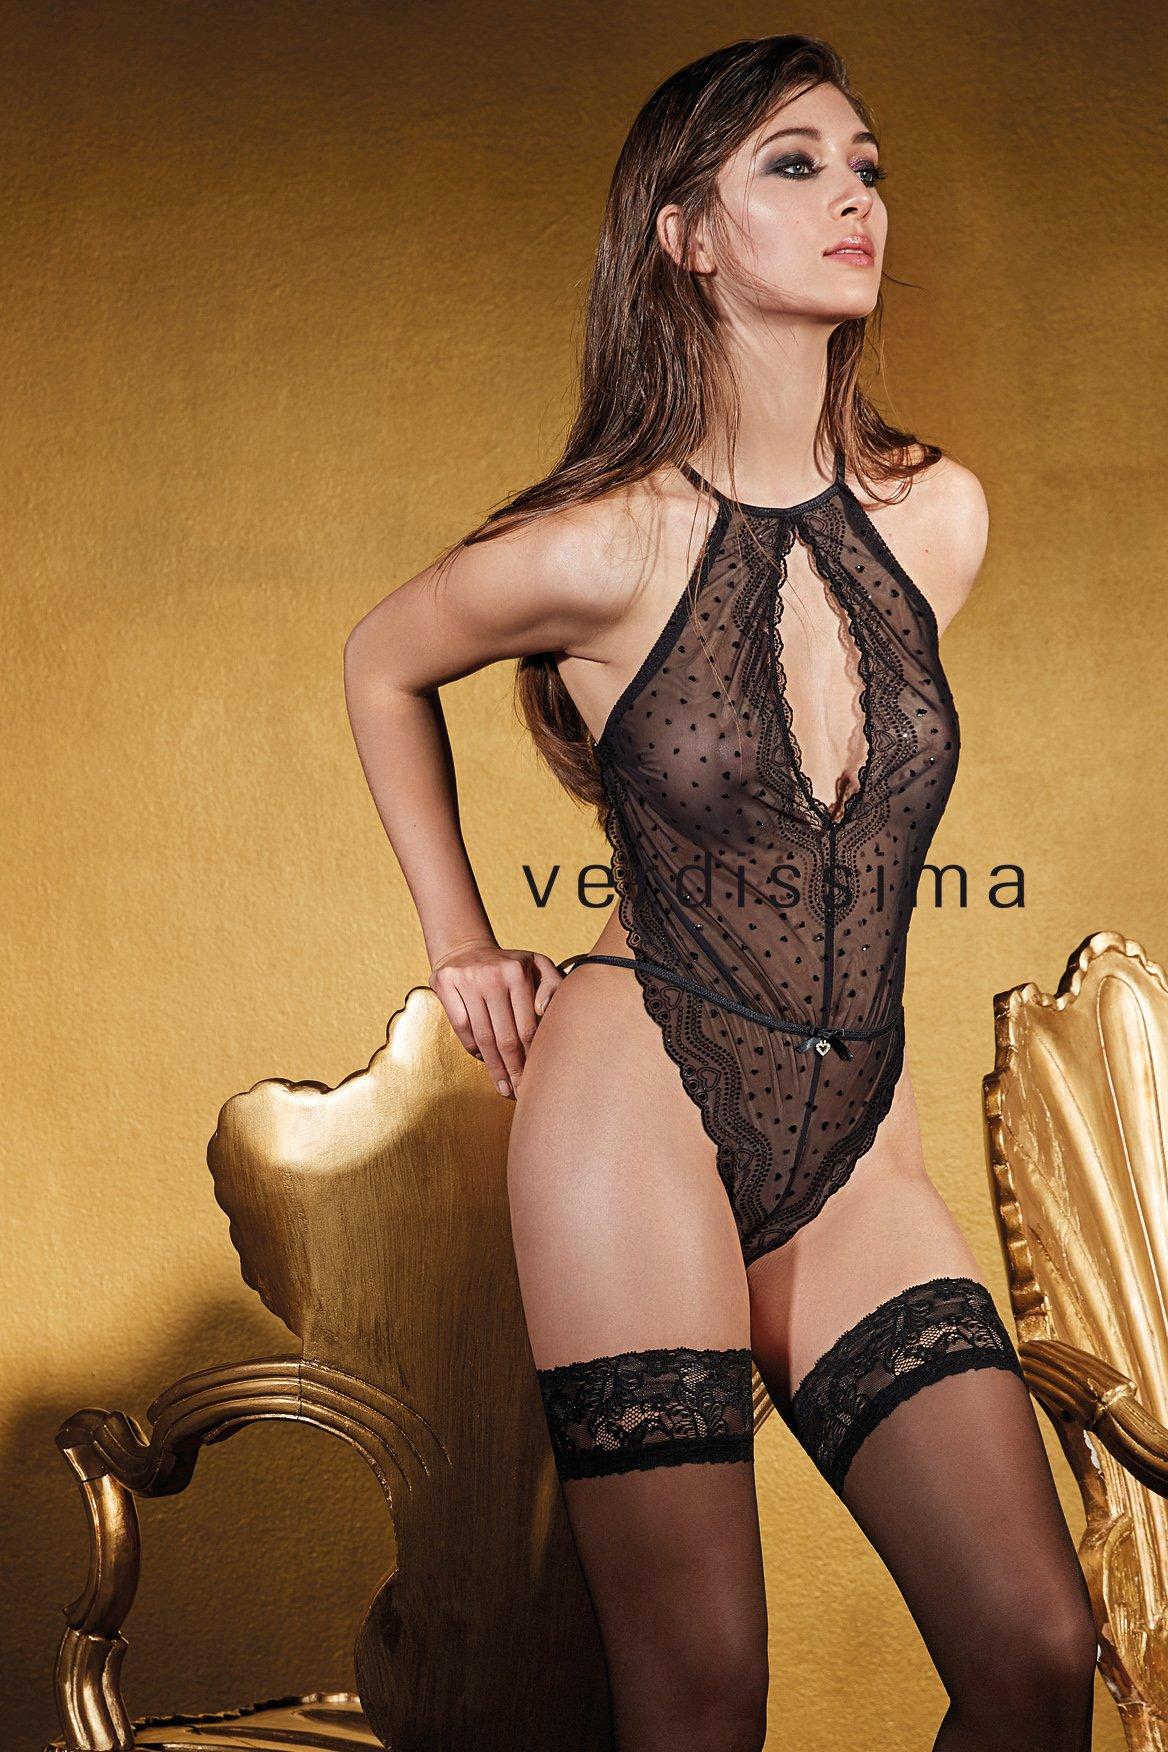 look 18 t5 verdissima 1569 1 13799186989364481635.